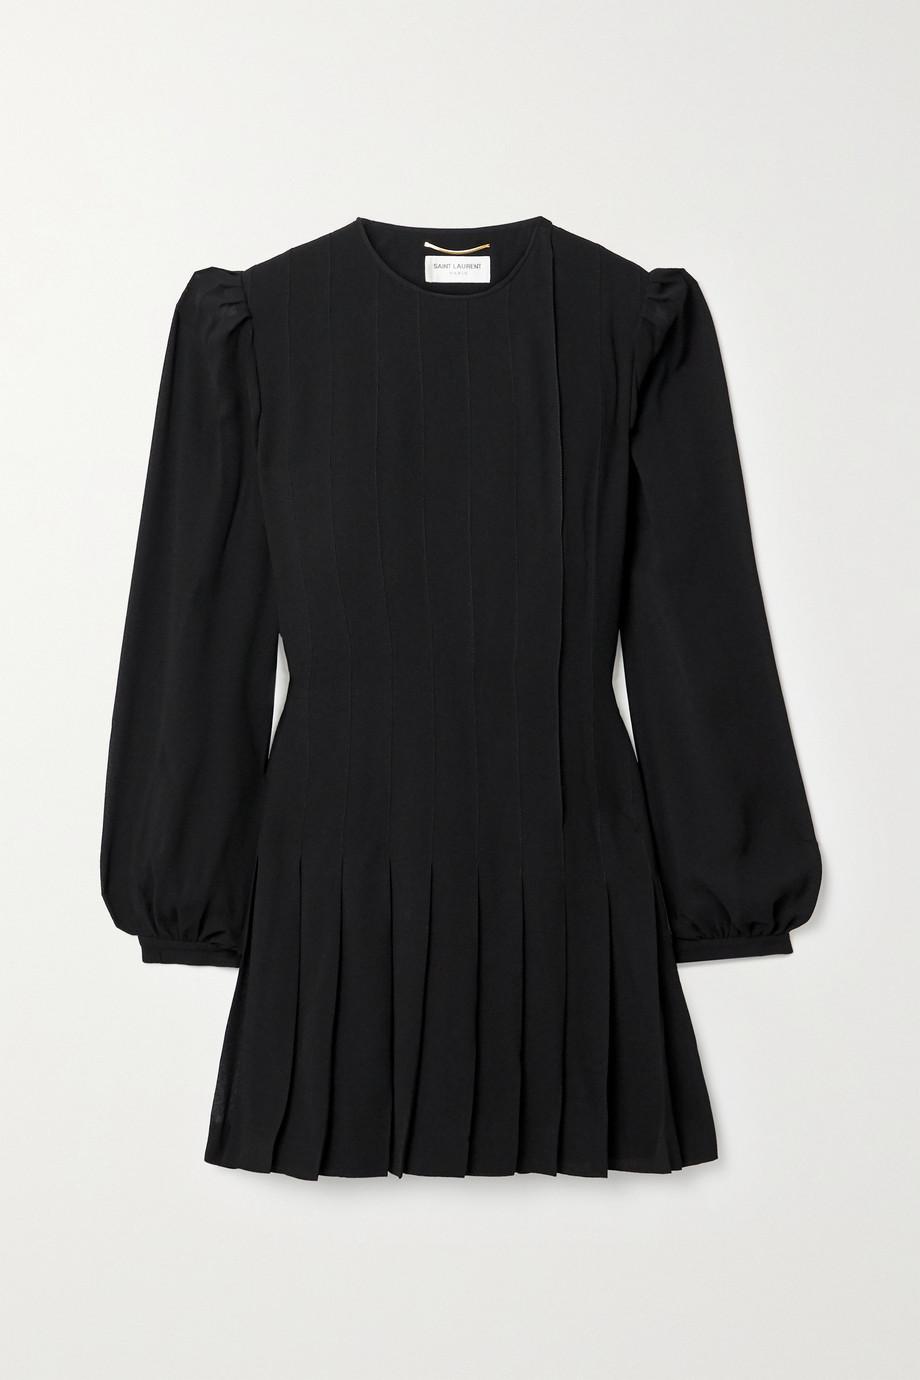 SAINT LAURENT Pleated crepe mini dress